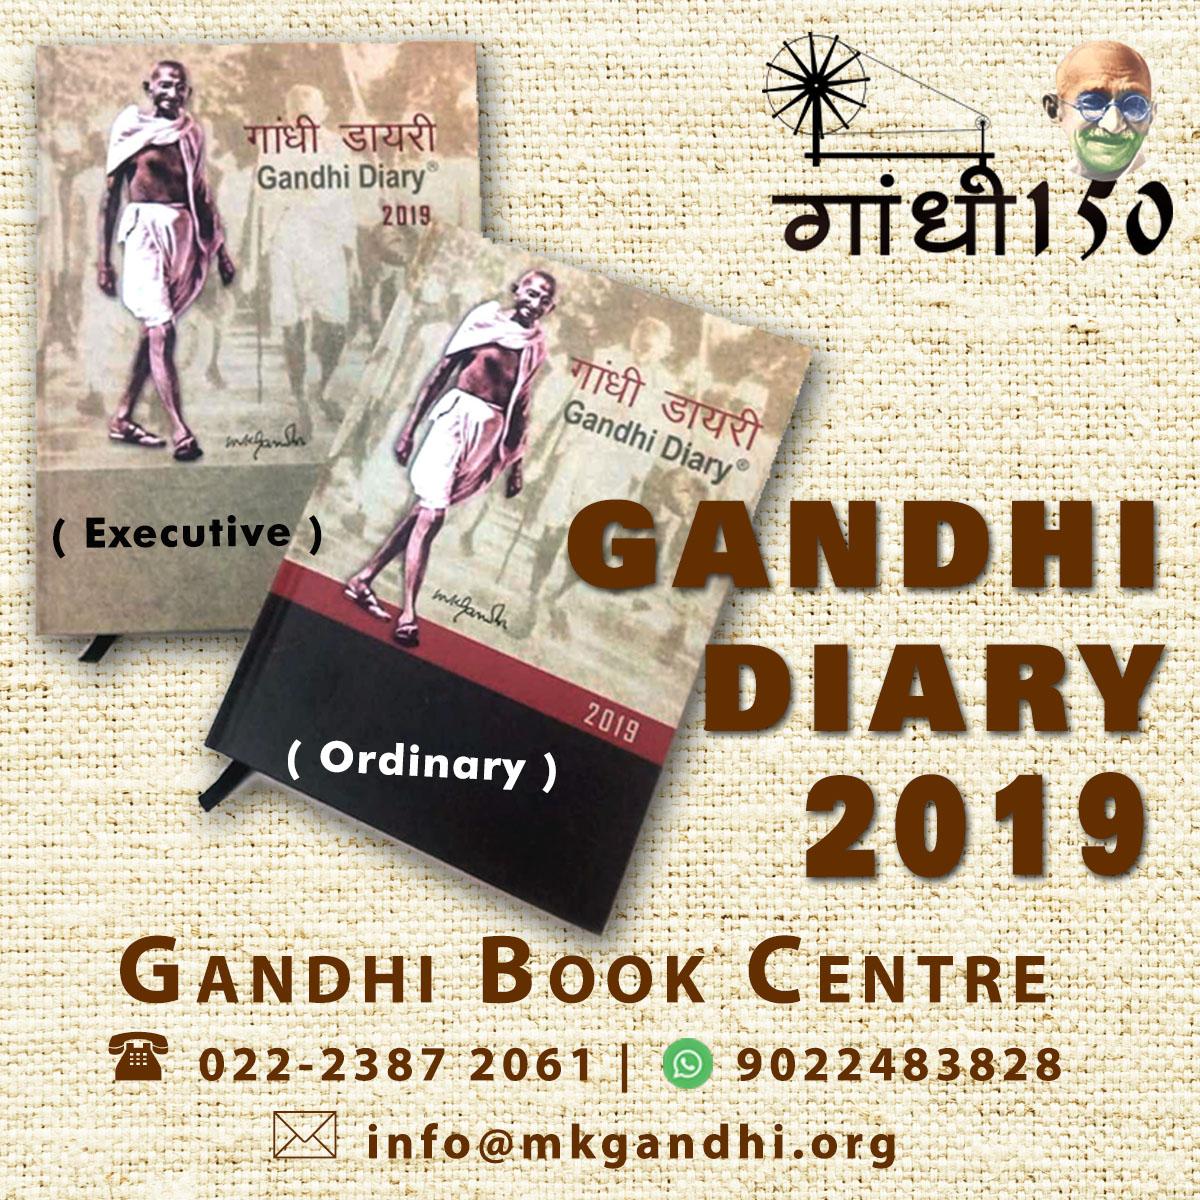 Gandhi Diary 2019